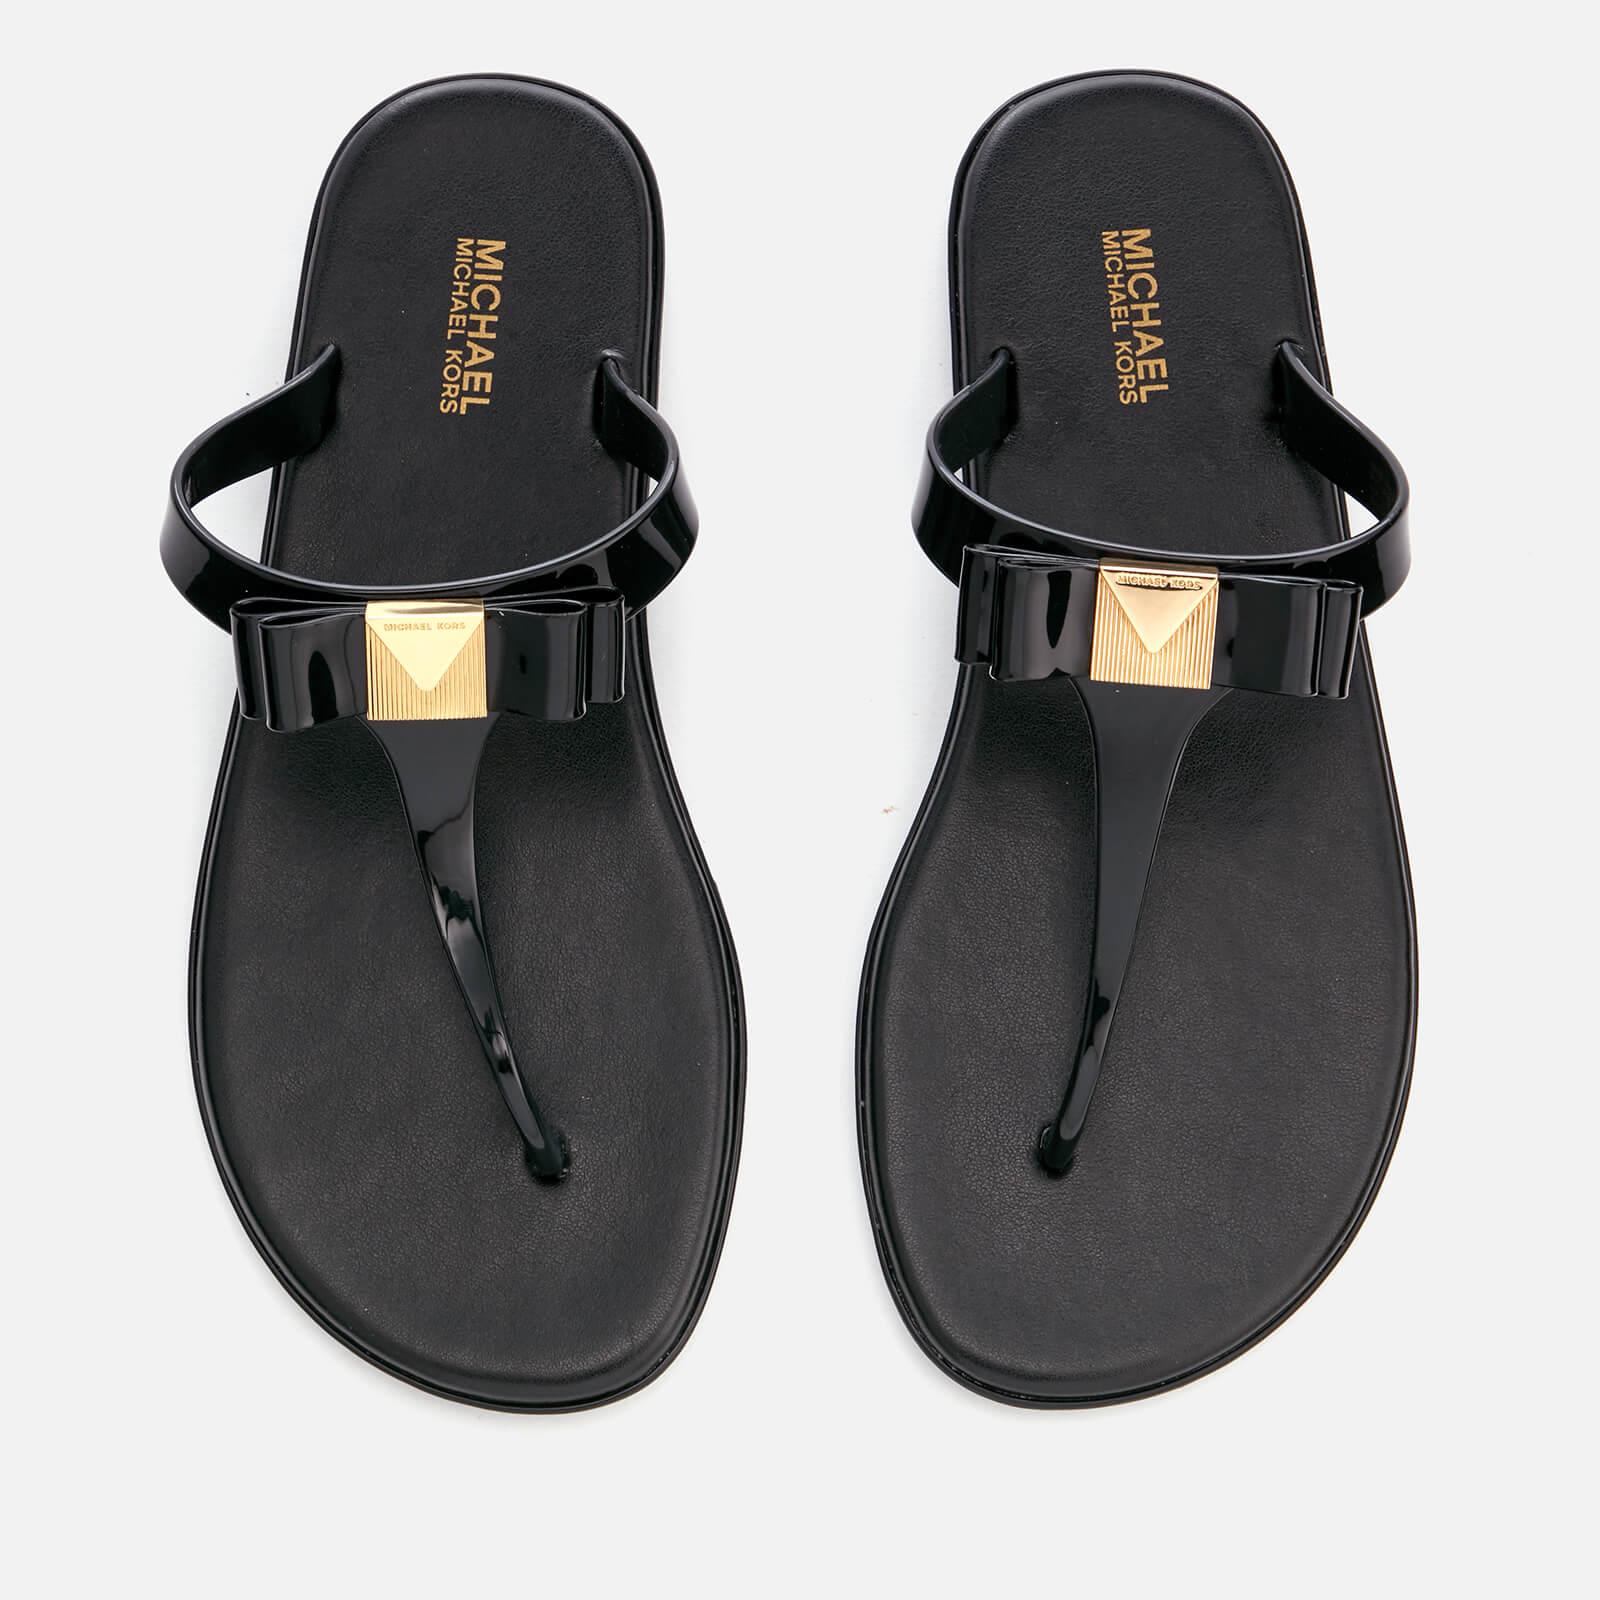 9145e5dc9e8 MICHAEL MICHAEL KORS Women s Caroline Jelly Toe Post Sandals - Black ...